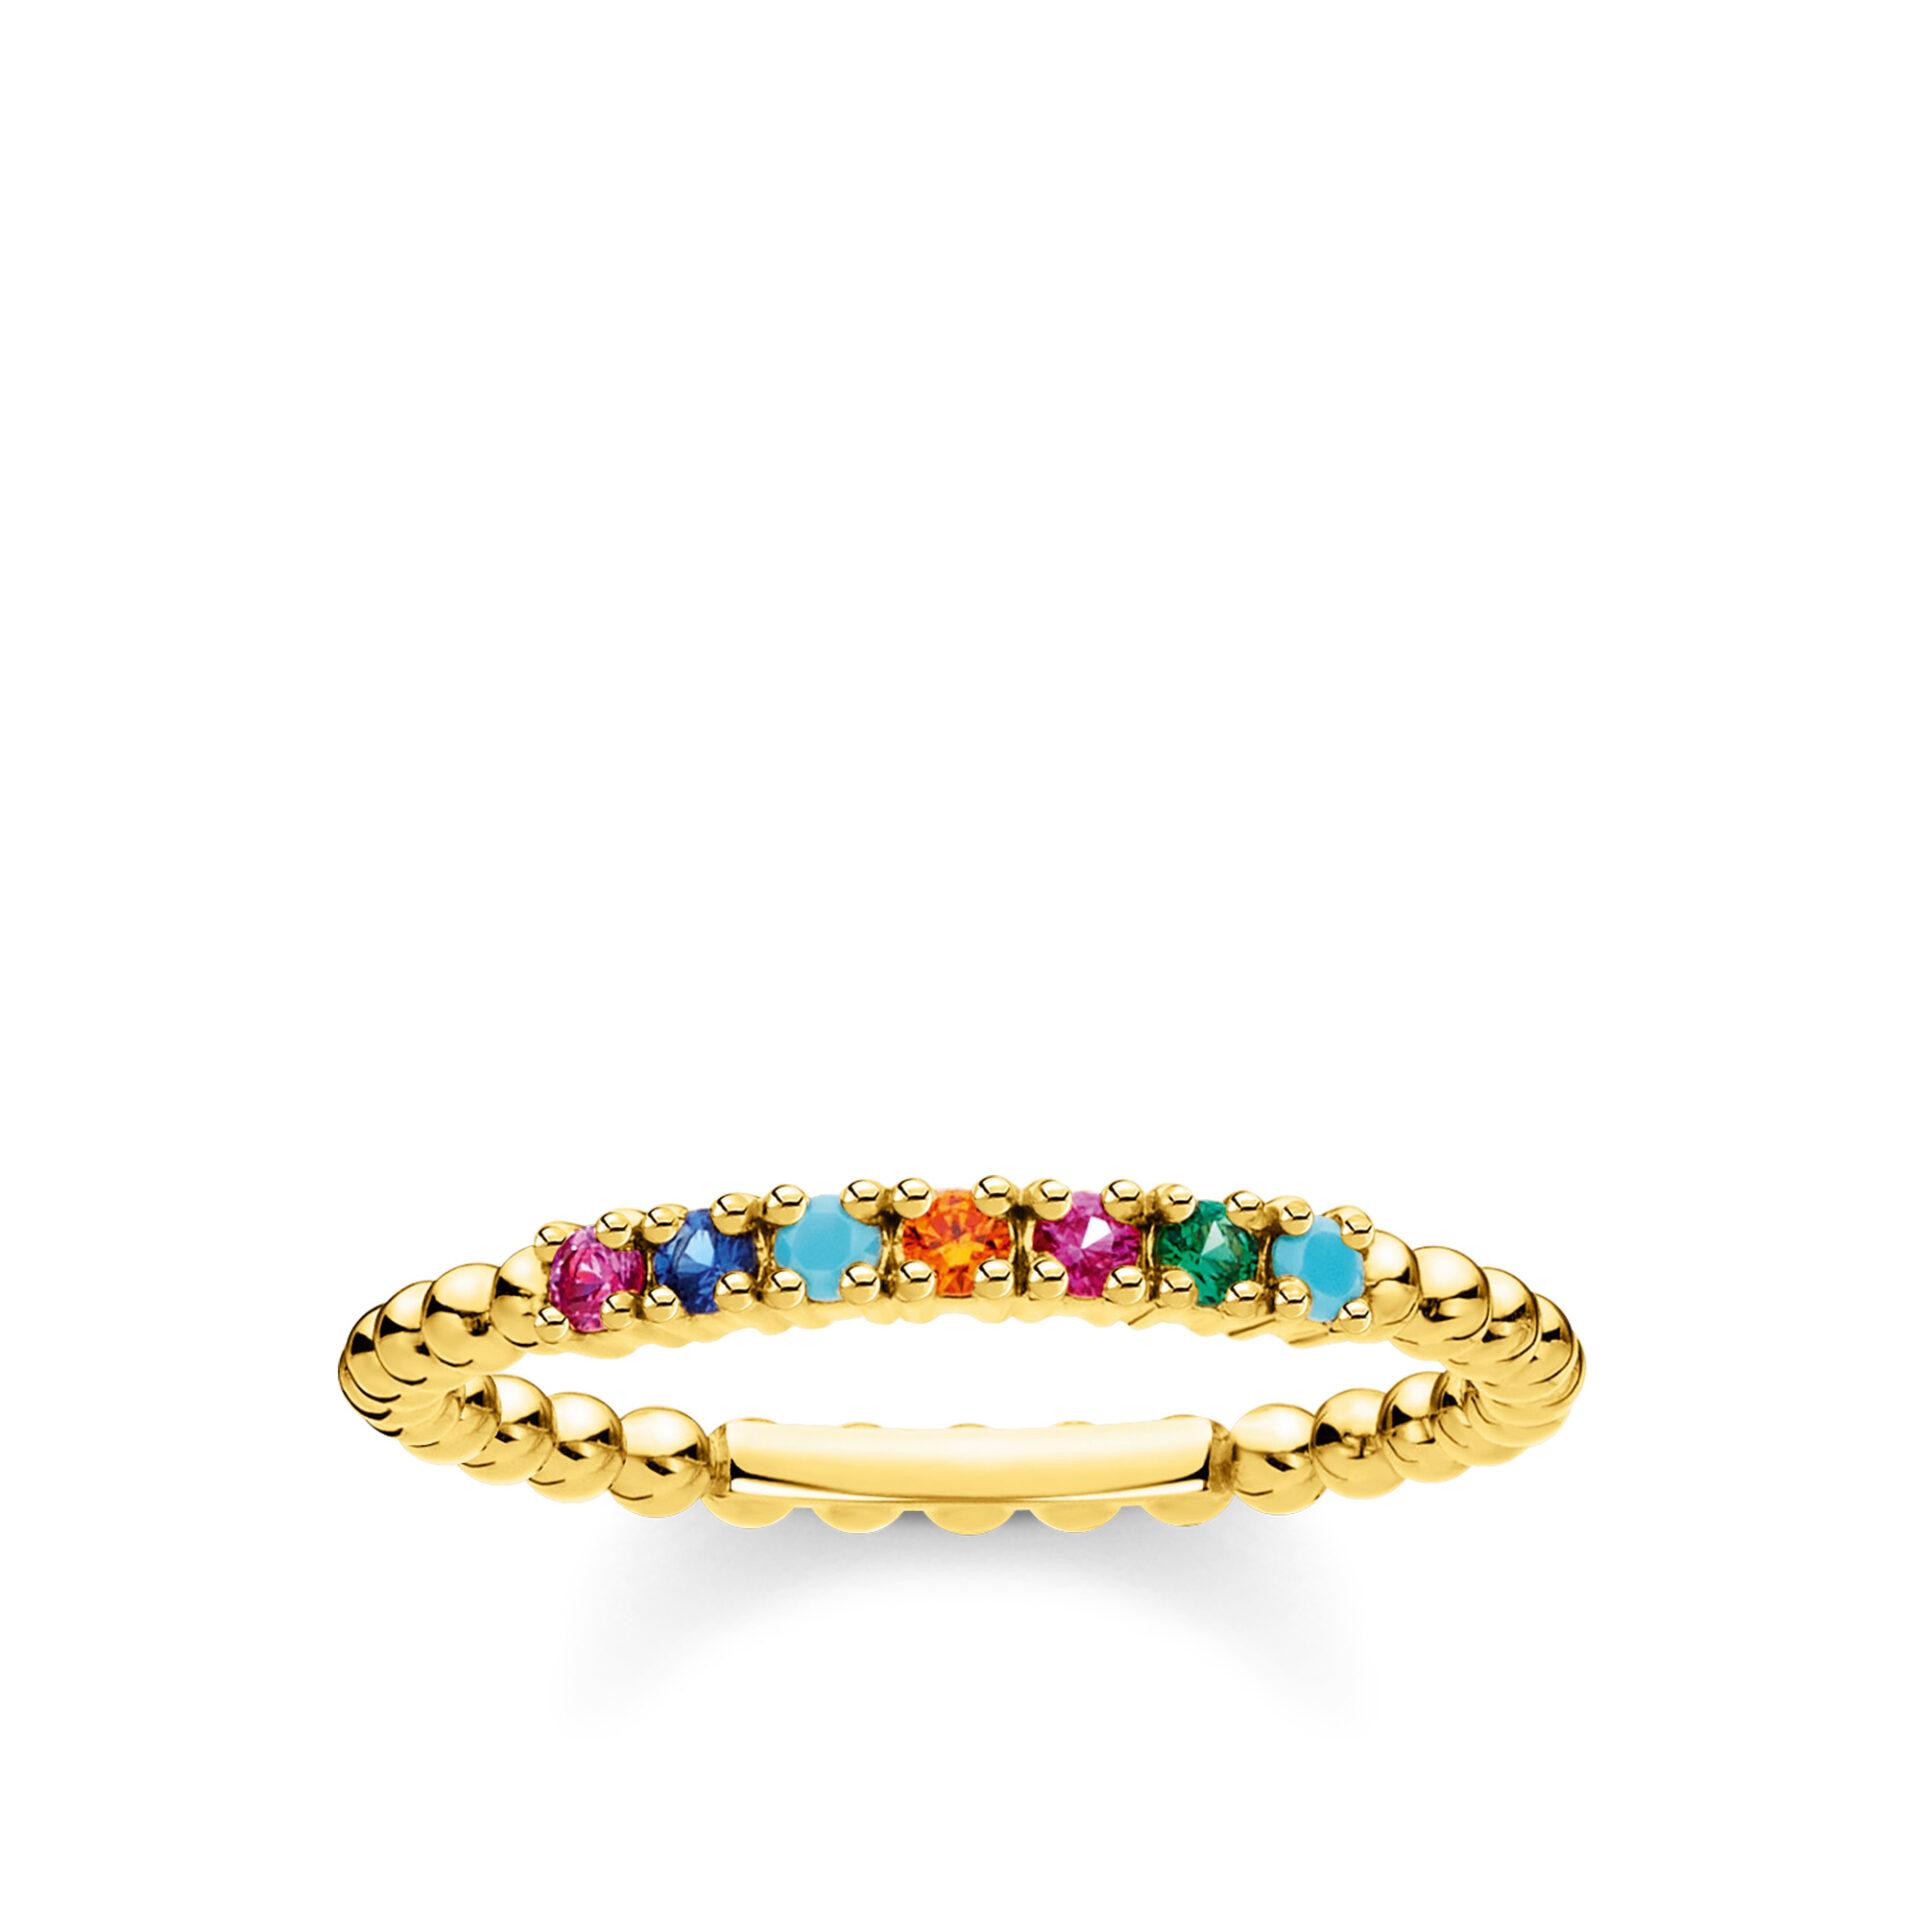 Bague perles pierres multicolores or, Thomas Sabo